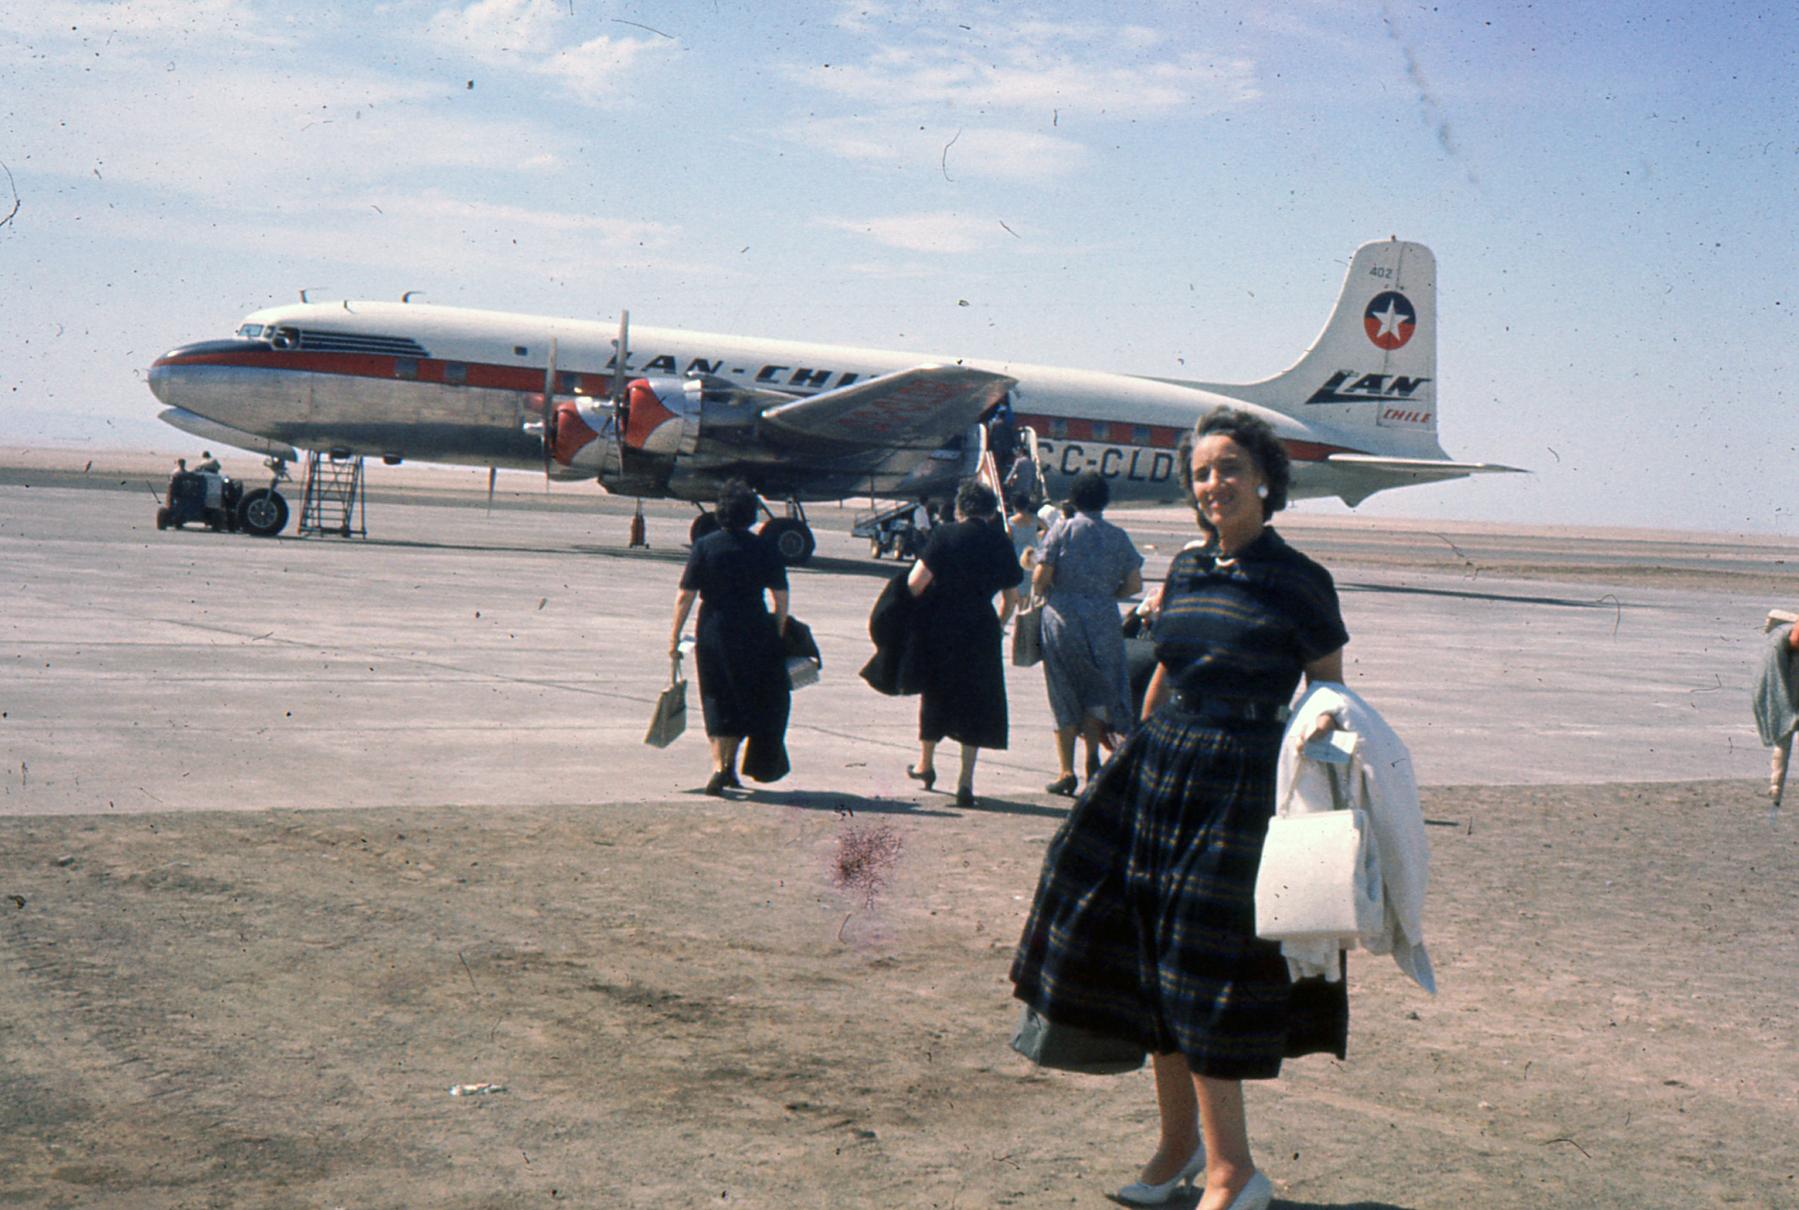 Enterreno - Fotos históricas de chile - fotos antiguas de Chile - Arica, Aeropuerto Chacalluta en 1959